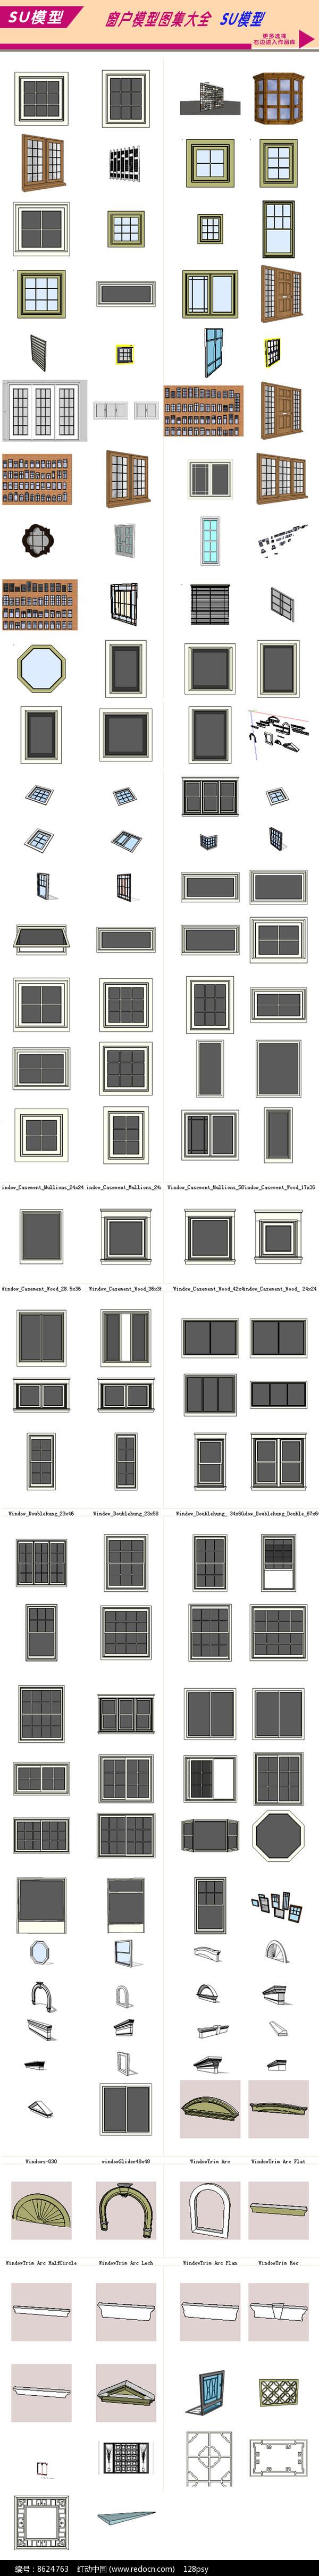 SU窗户模型图集大全 图片